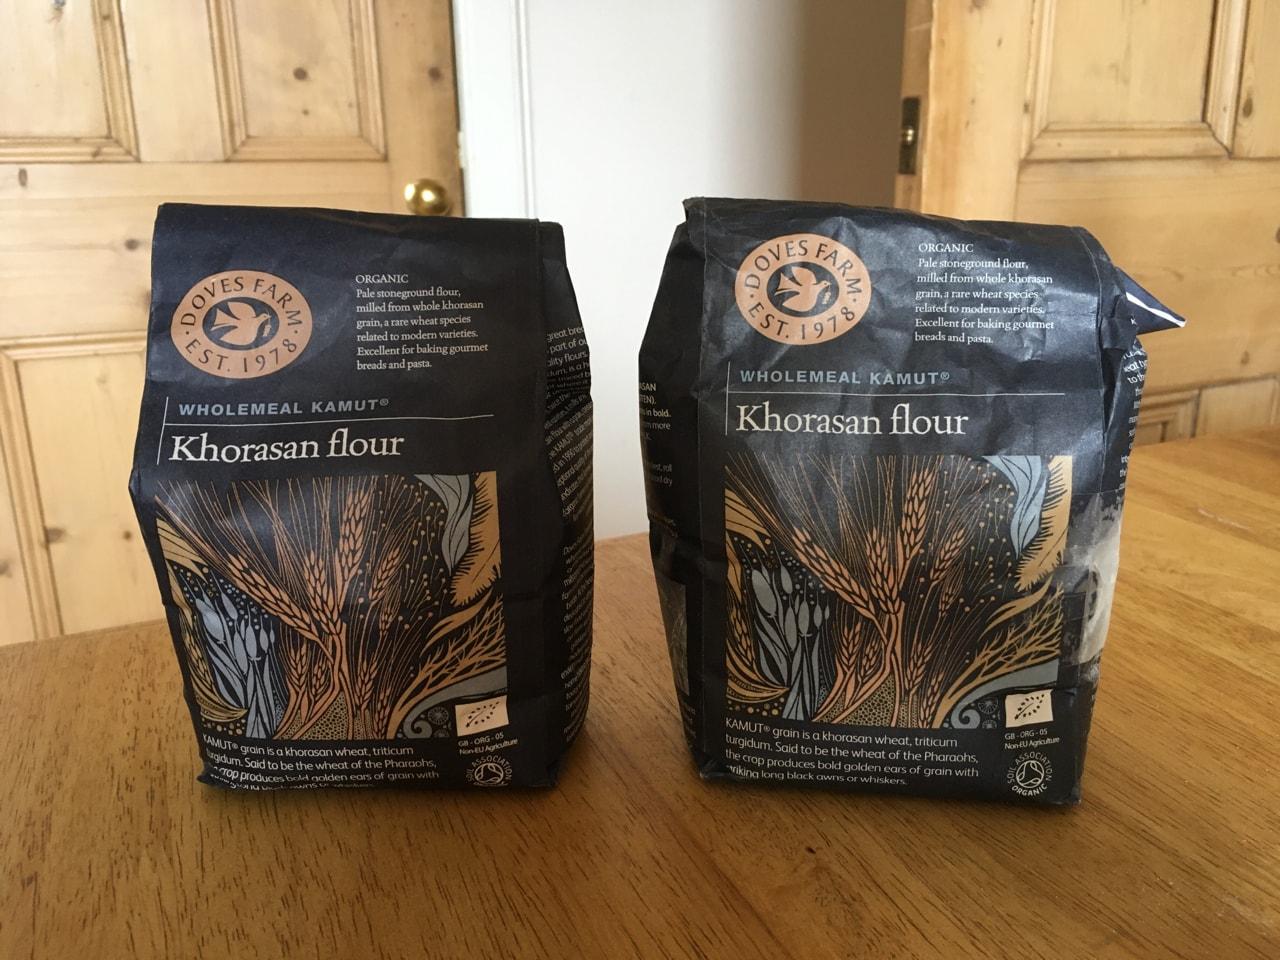 Khorasan flour